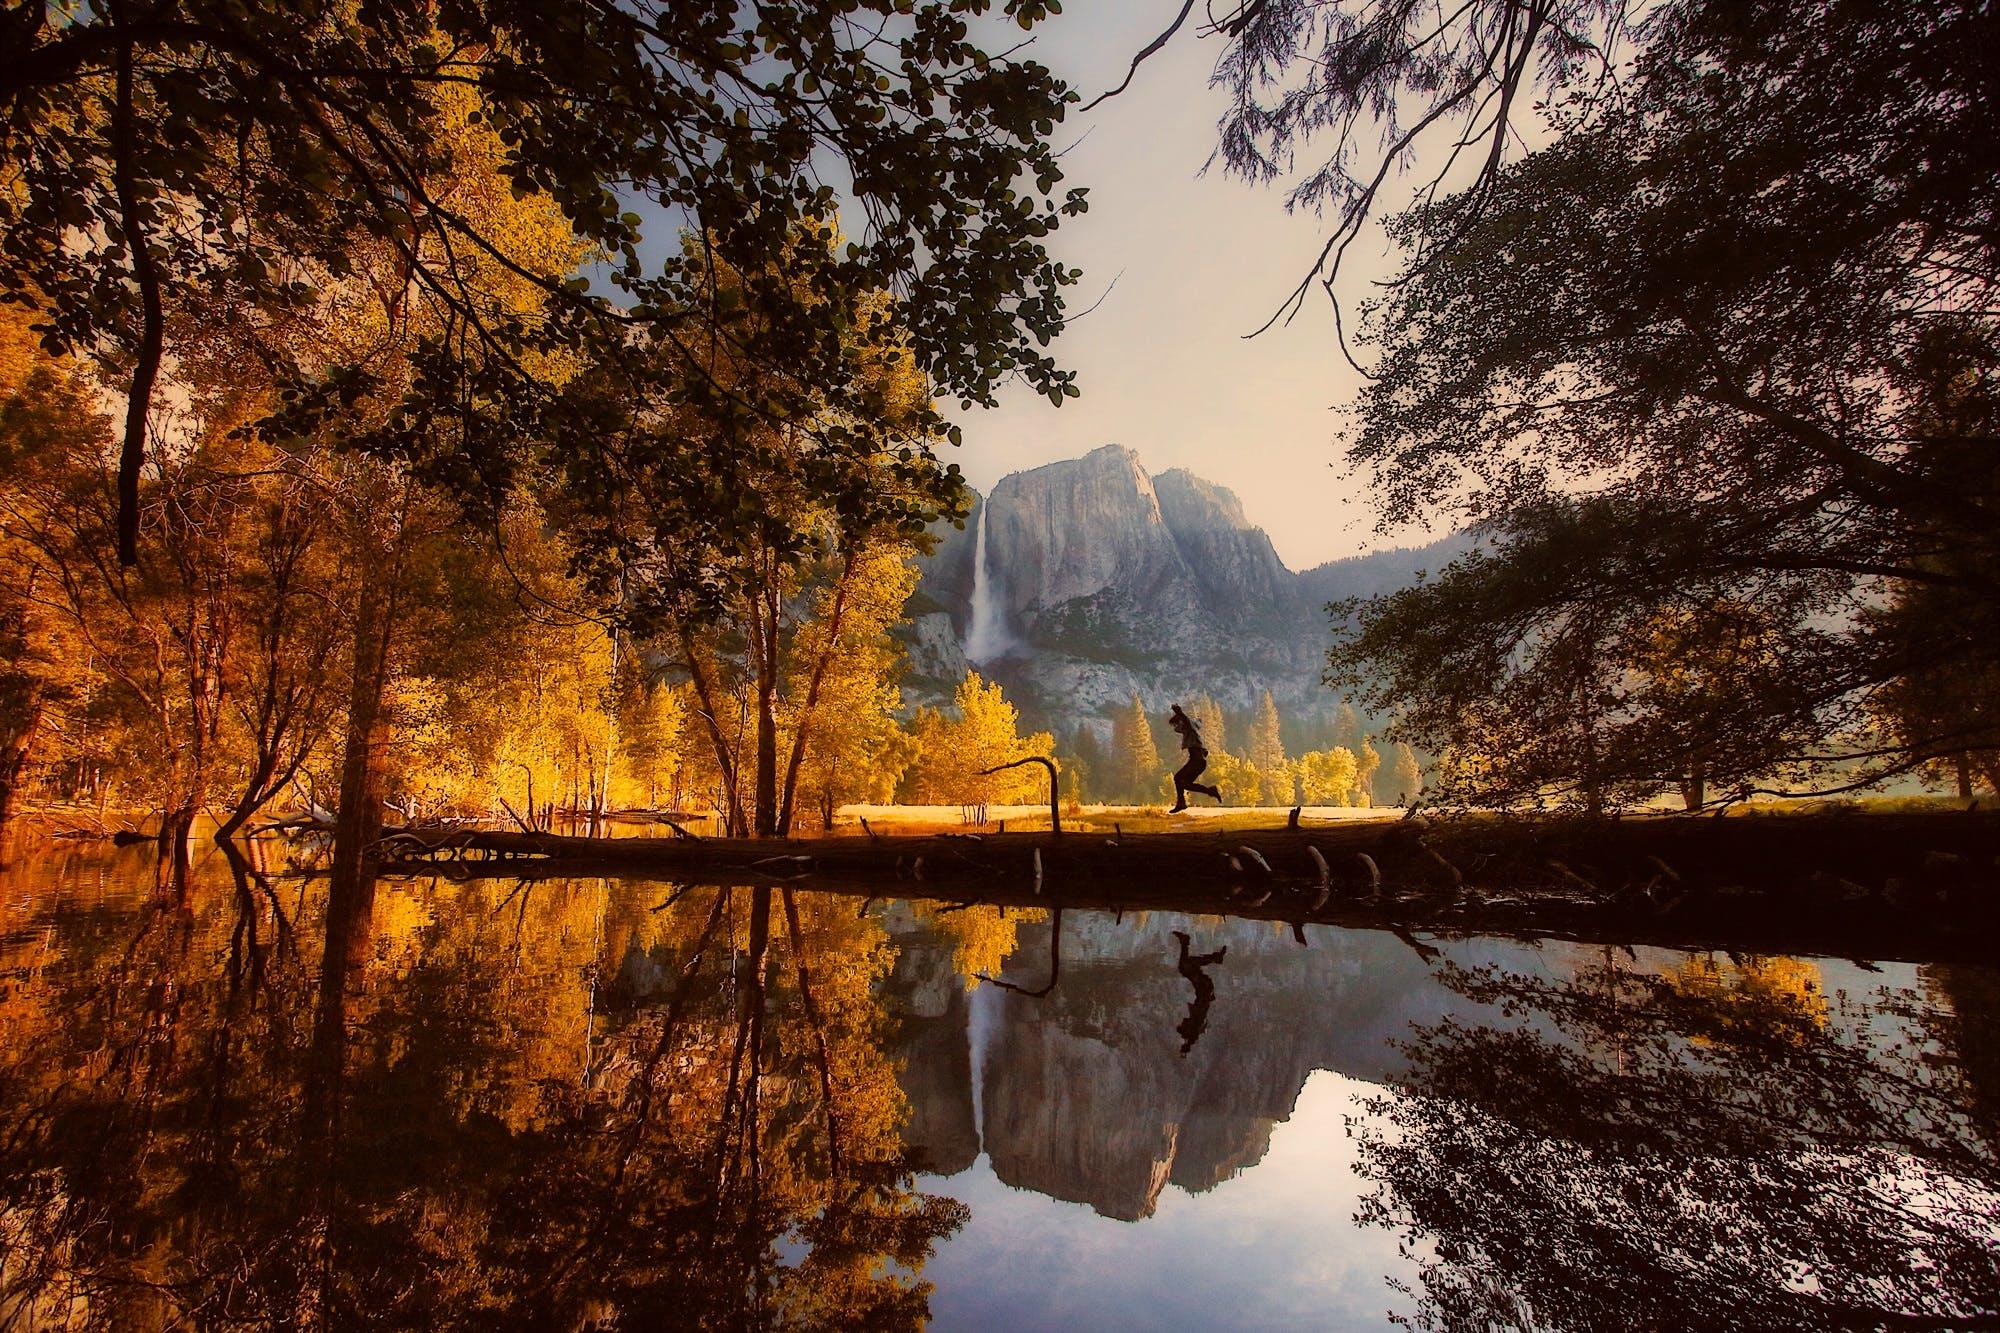 Kostnadsfri bild av bäck, bergen, dagsljus, himmel